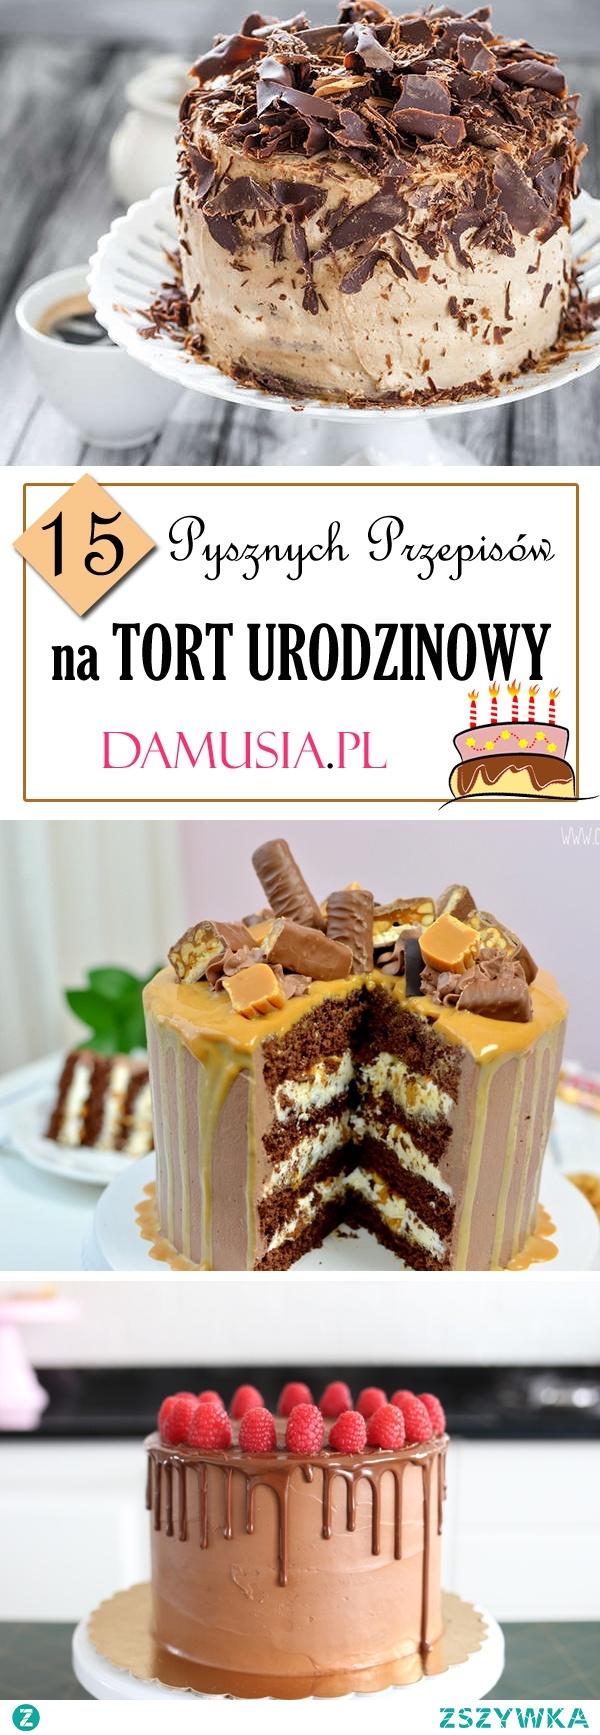 TOP 15 Pysznych Przepisów na Tort Urodzinowy